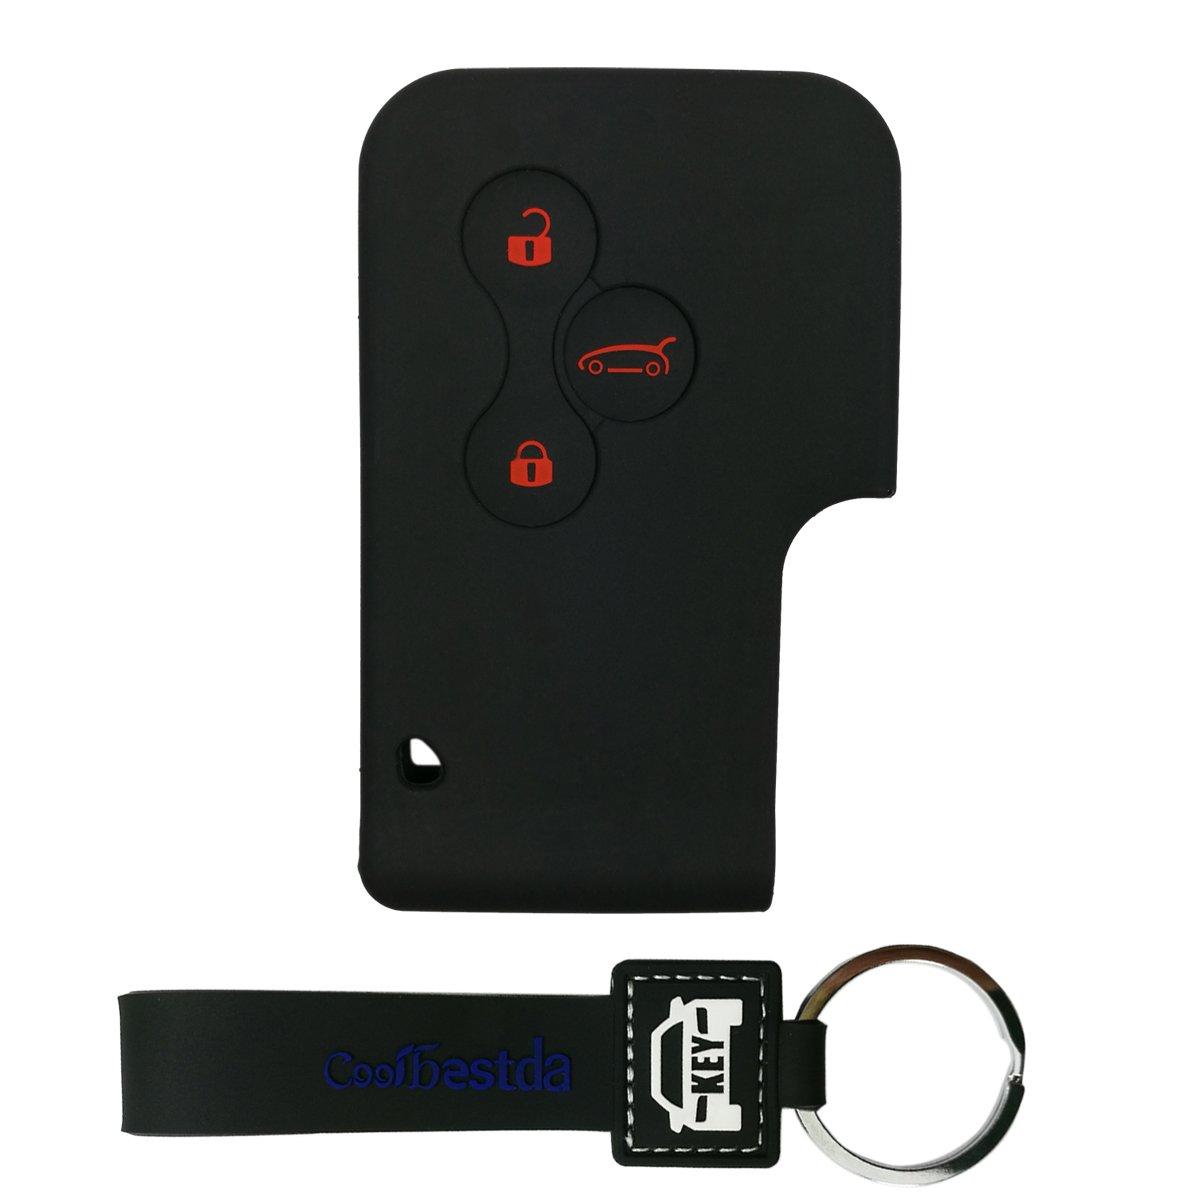 Funda de silicona de Coolbestda para llave coche Renault Megane R.S. y Scénic, 3 botones, negro: Amazon.es: Coche y moto